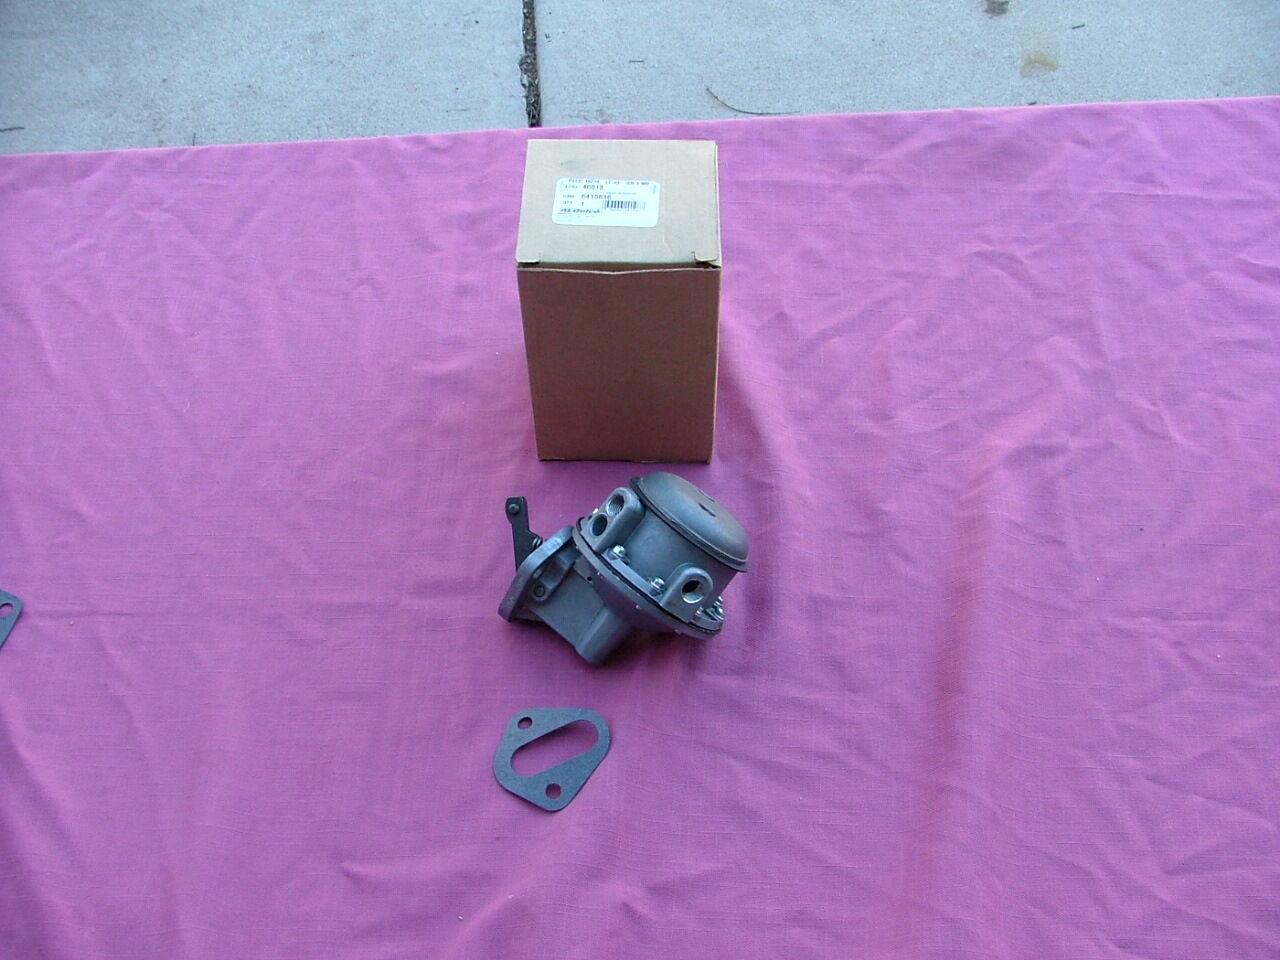 1964 66 Corvette Fuel Pump Nos 6415616 Wundr Shop 1963 Oldsmobile Starfire 65l 4bl 8cyl Repair Guides Electronic 1 6